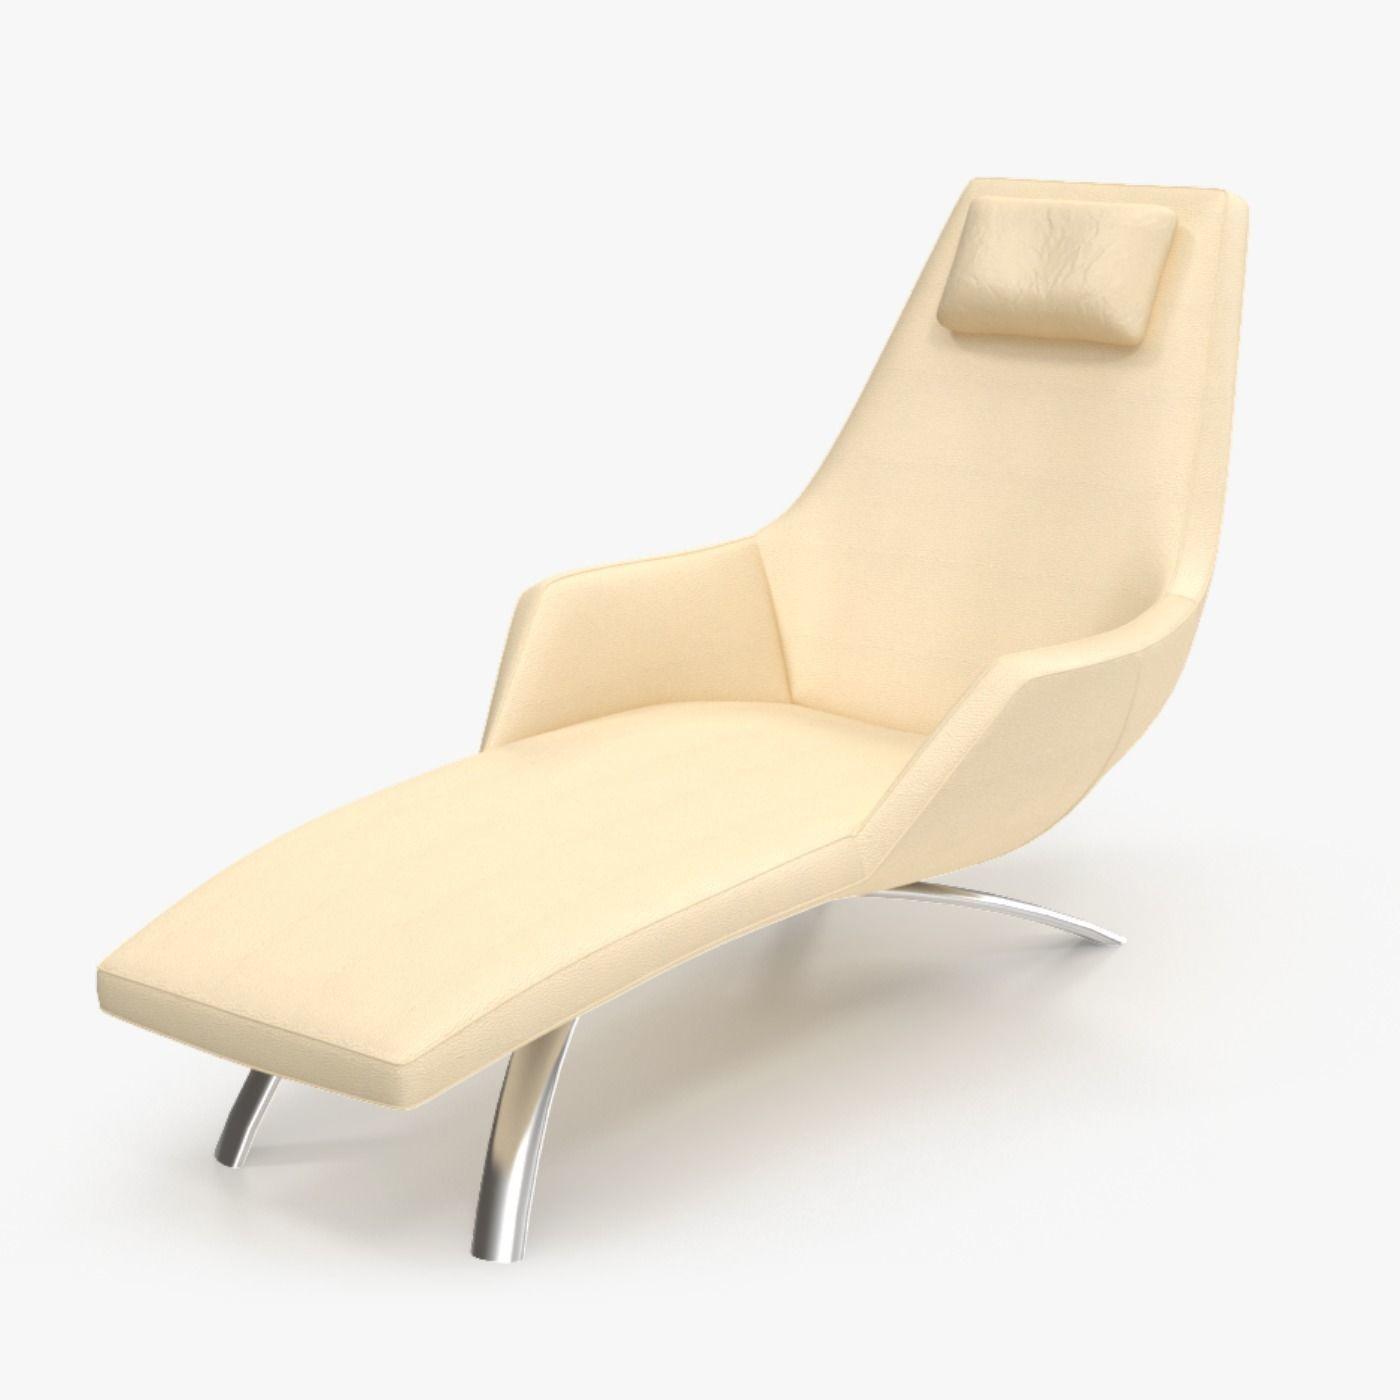 Rolf Benz 2000 Chair